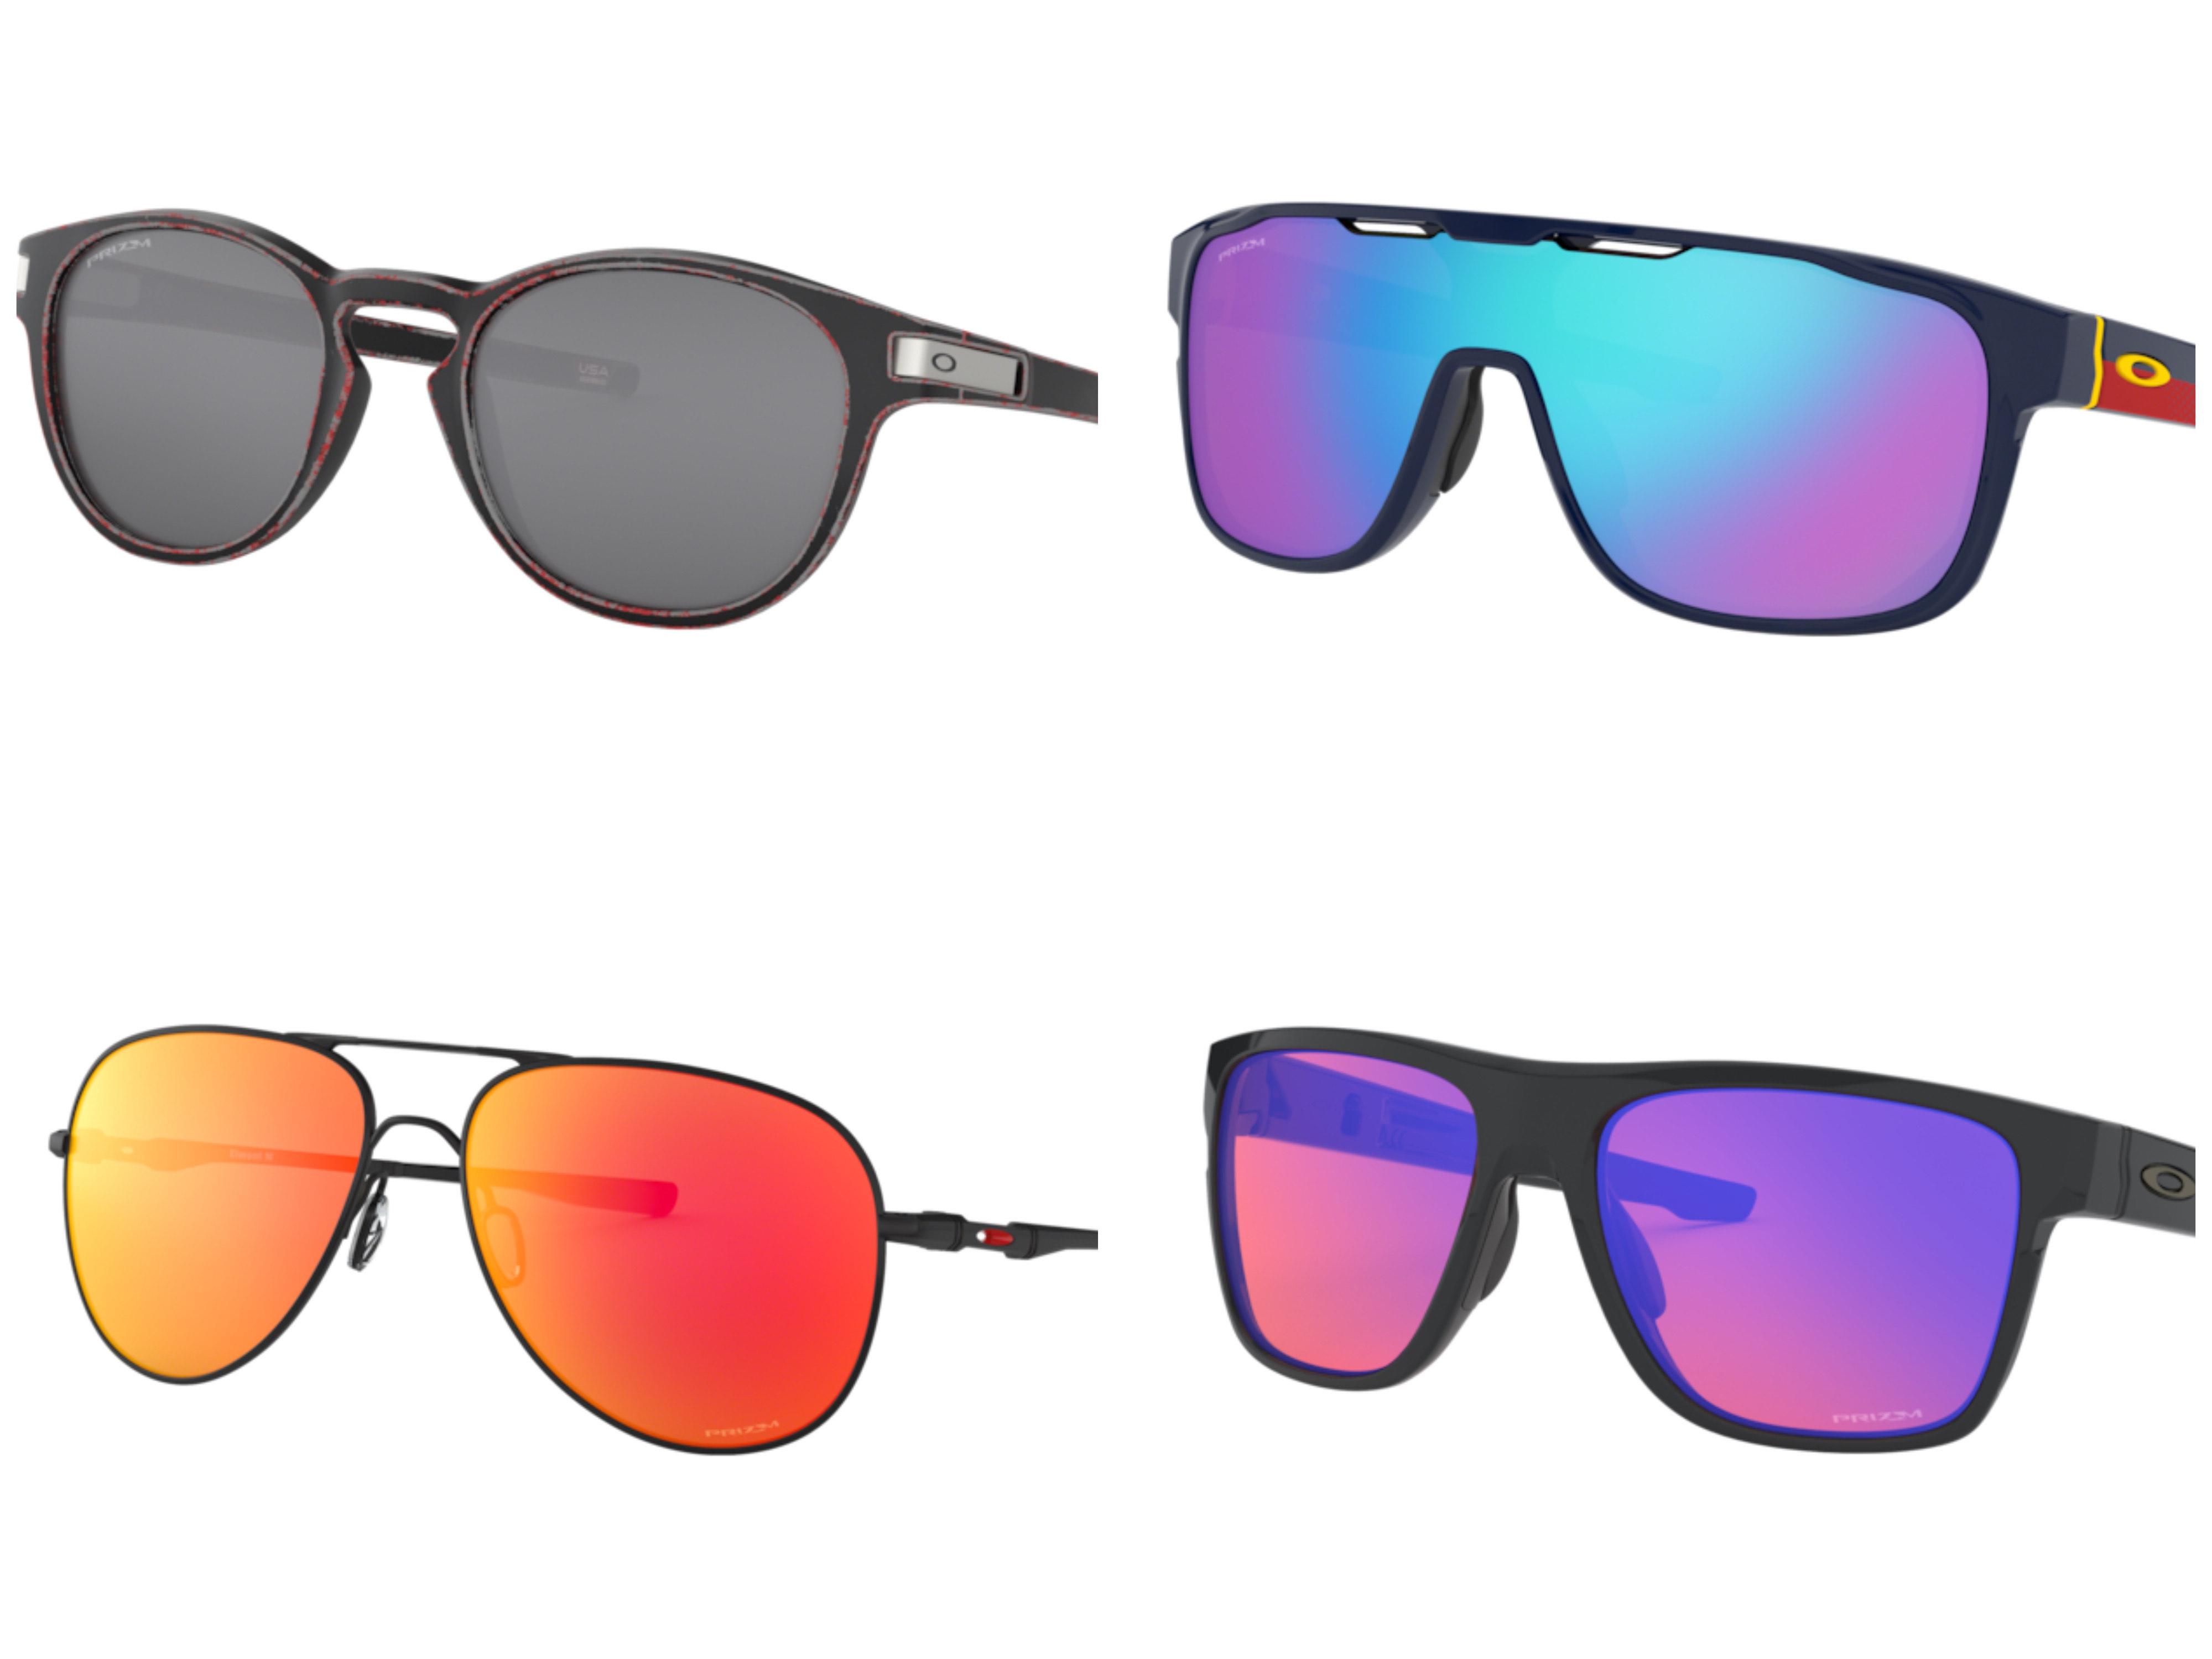 Gafas Oakley rebajadas al 50% (56 modelos)